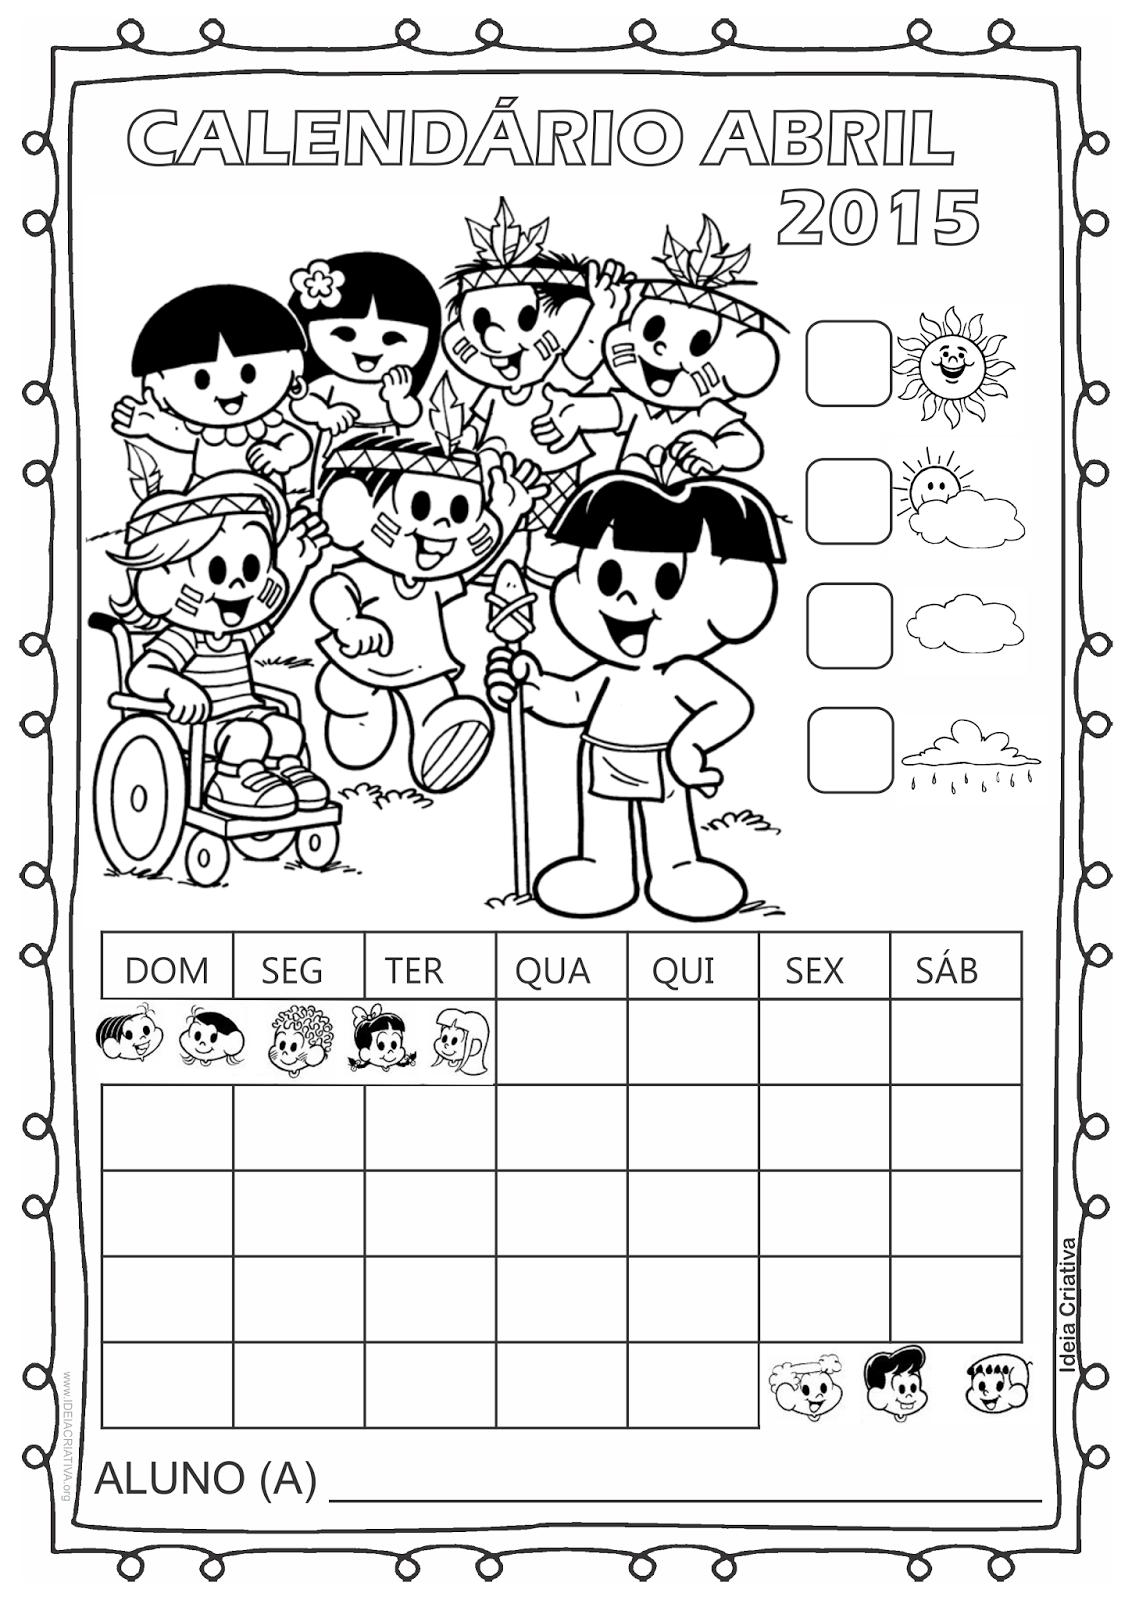 Calendário Turma da Mônica 2015 para Imprimir Grátis Abril dia do Índio sem numeração